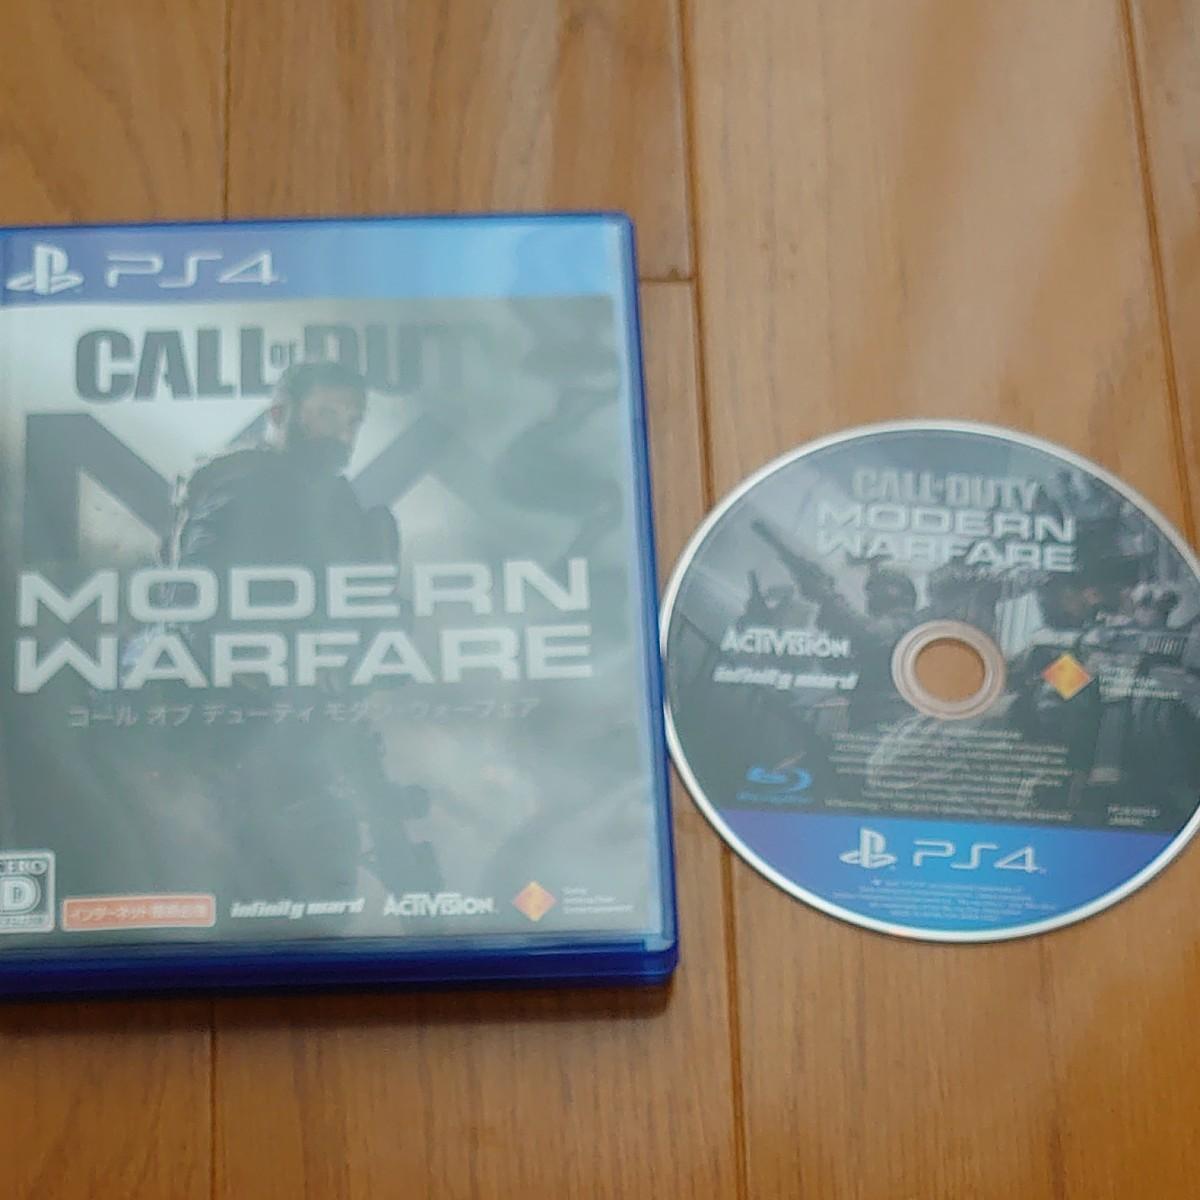 CALL OF DUTY  MODERN WAR FARE コールオブデューティ モダンウォーフェア   PS4